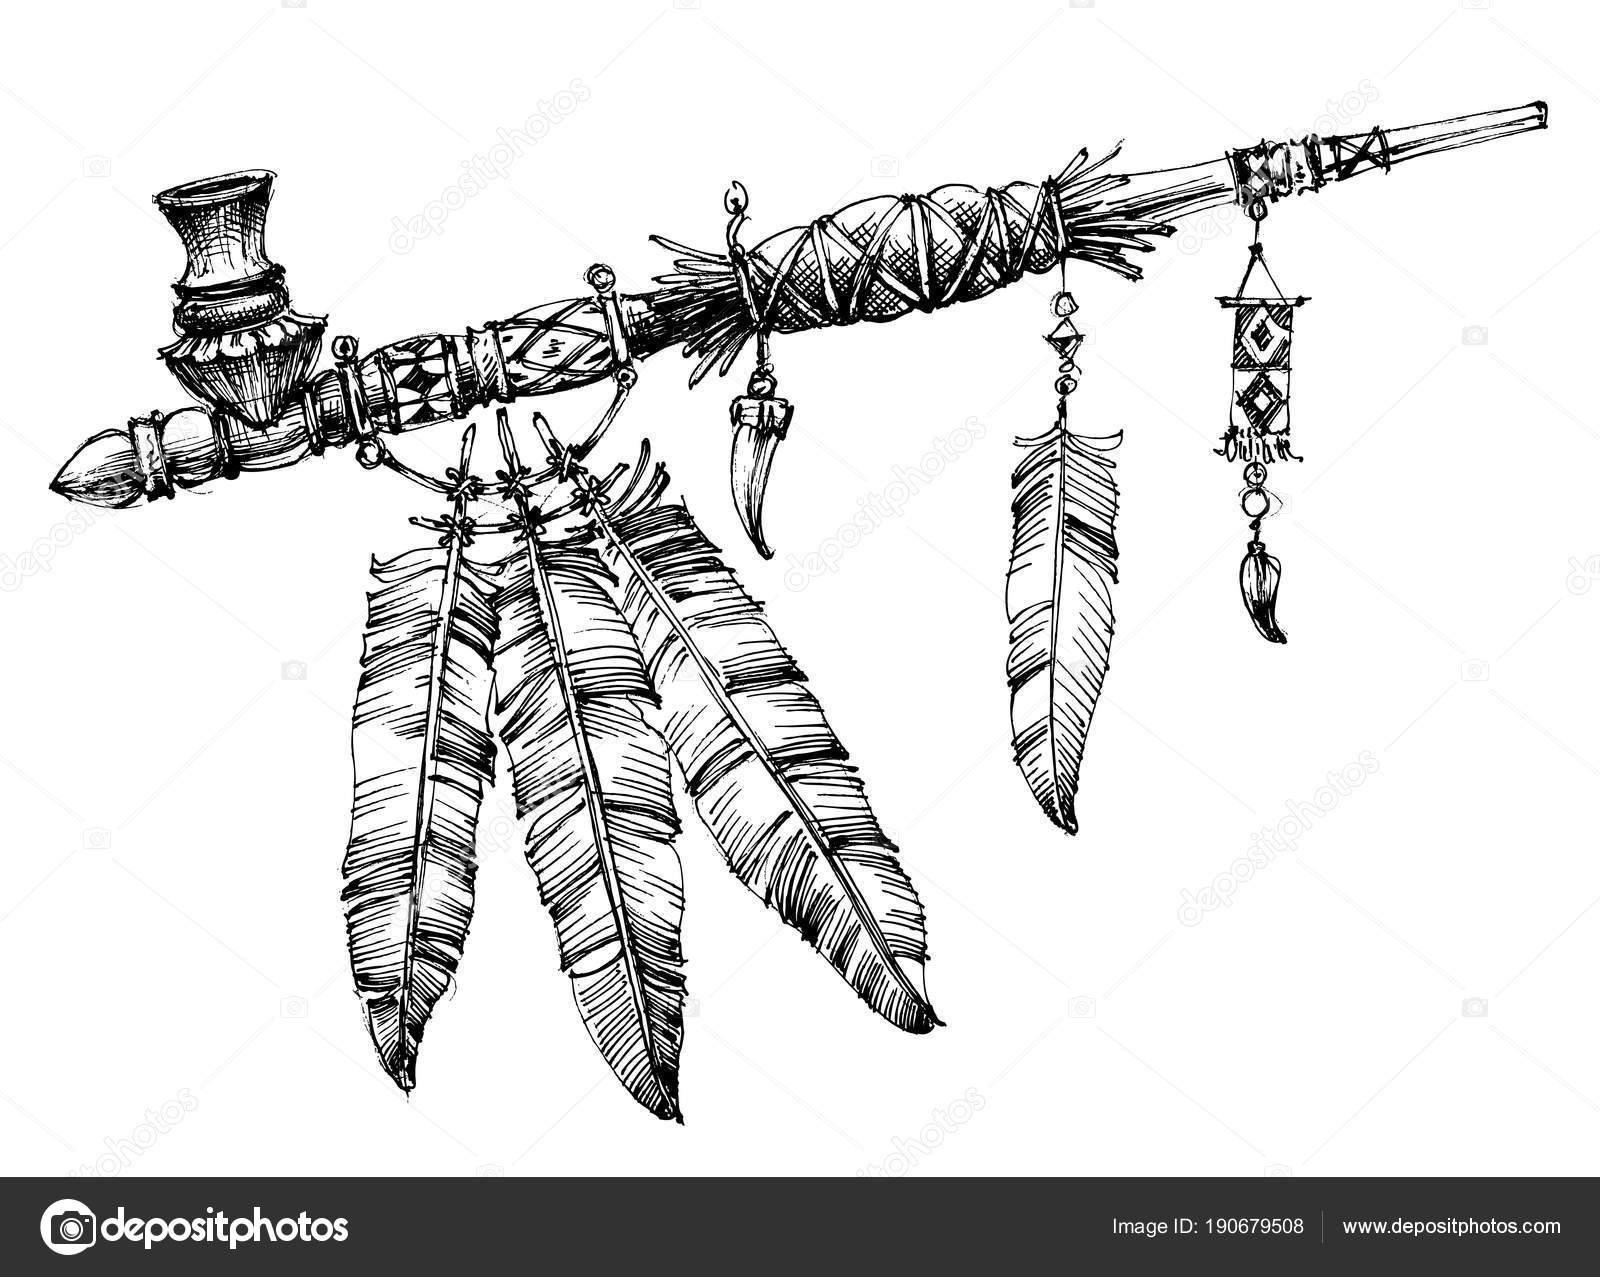 Tubería de dibujo de la paz. Ceremonial tubería nativa